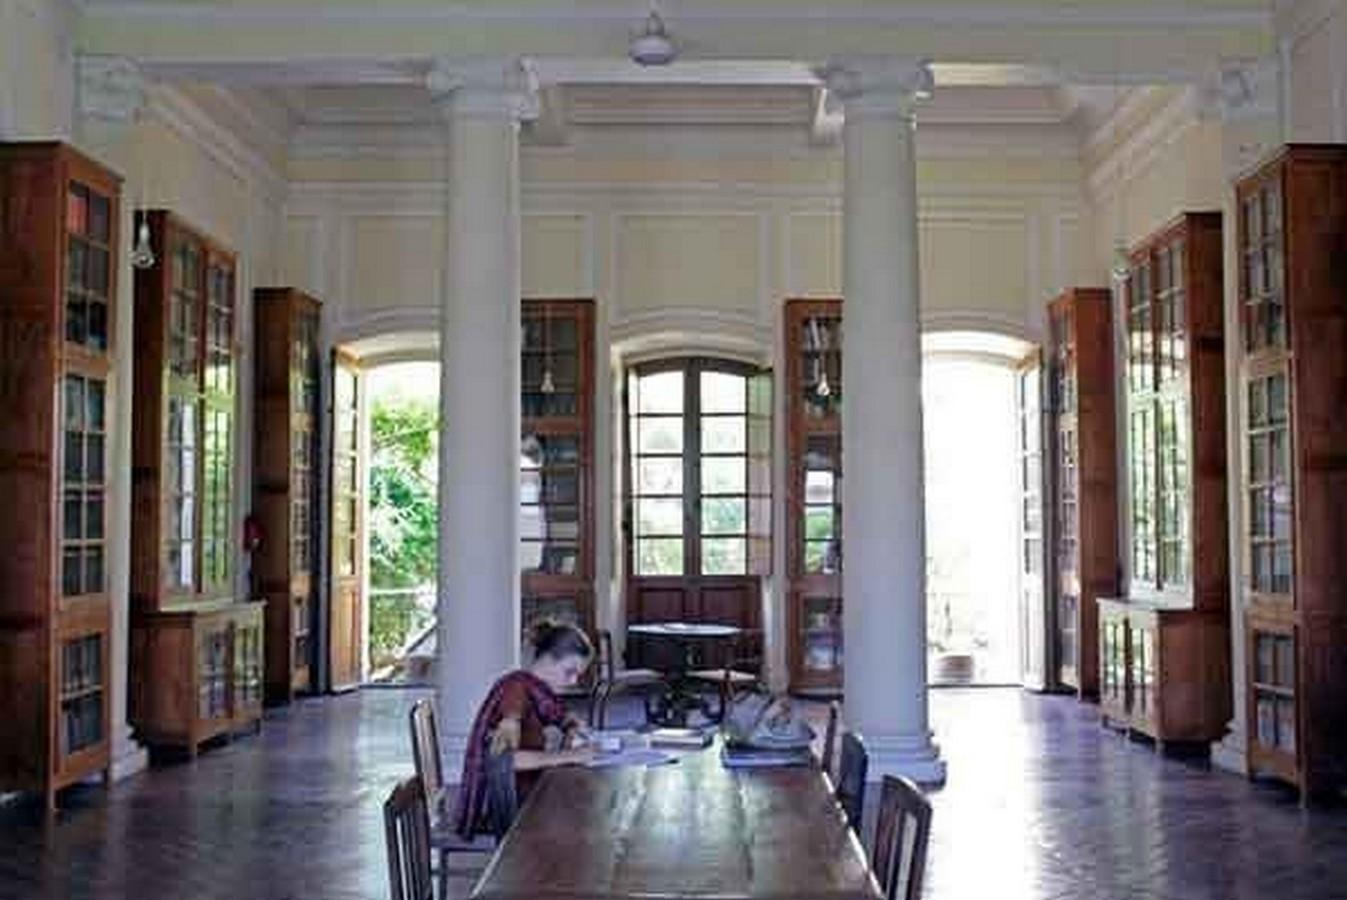 École Française d'Extrême-Orient, Puducherry, Tamil Nadu - Sheet3